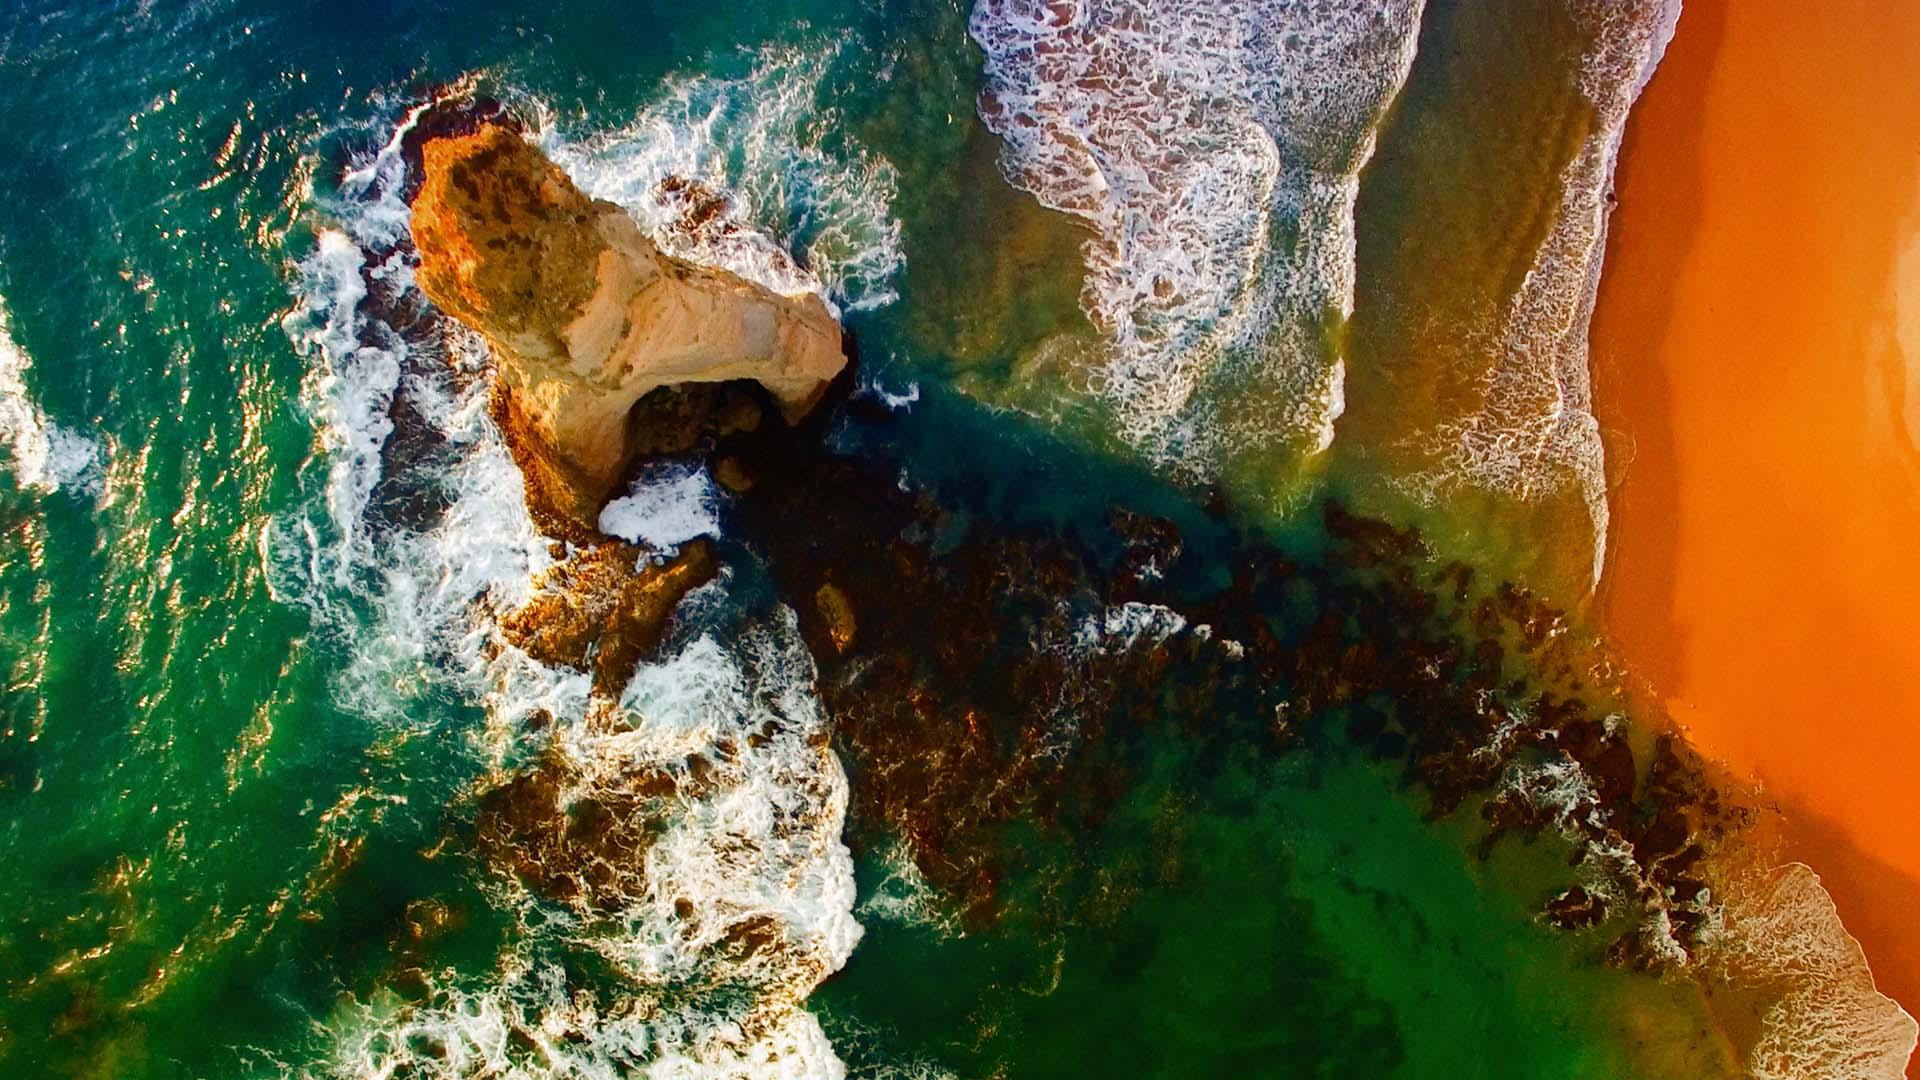 Environment-sea-ocean-shore-stone-rock